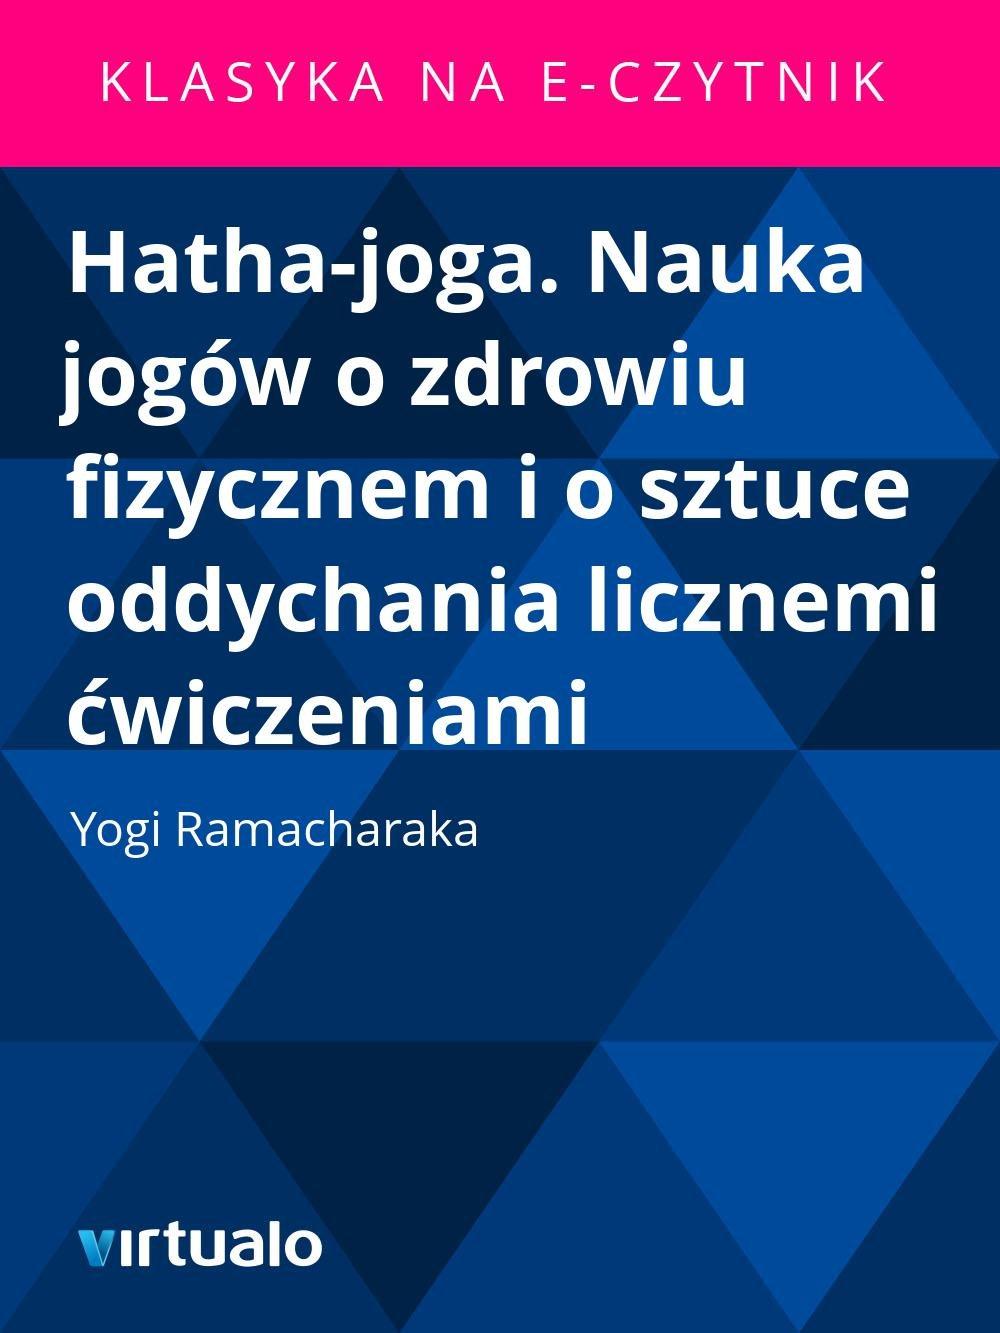 Hatha-joga. Nauka jogów o zdrowiu fizycznem i o sztuce oddychania licznemi ćwiczeniami - Ebook (Książka EPUB) do pobrania w formacie EPUB